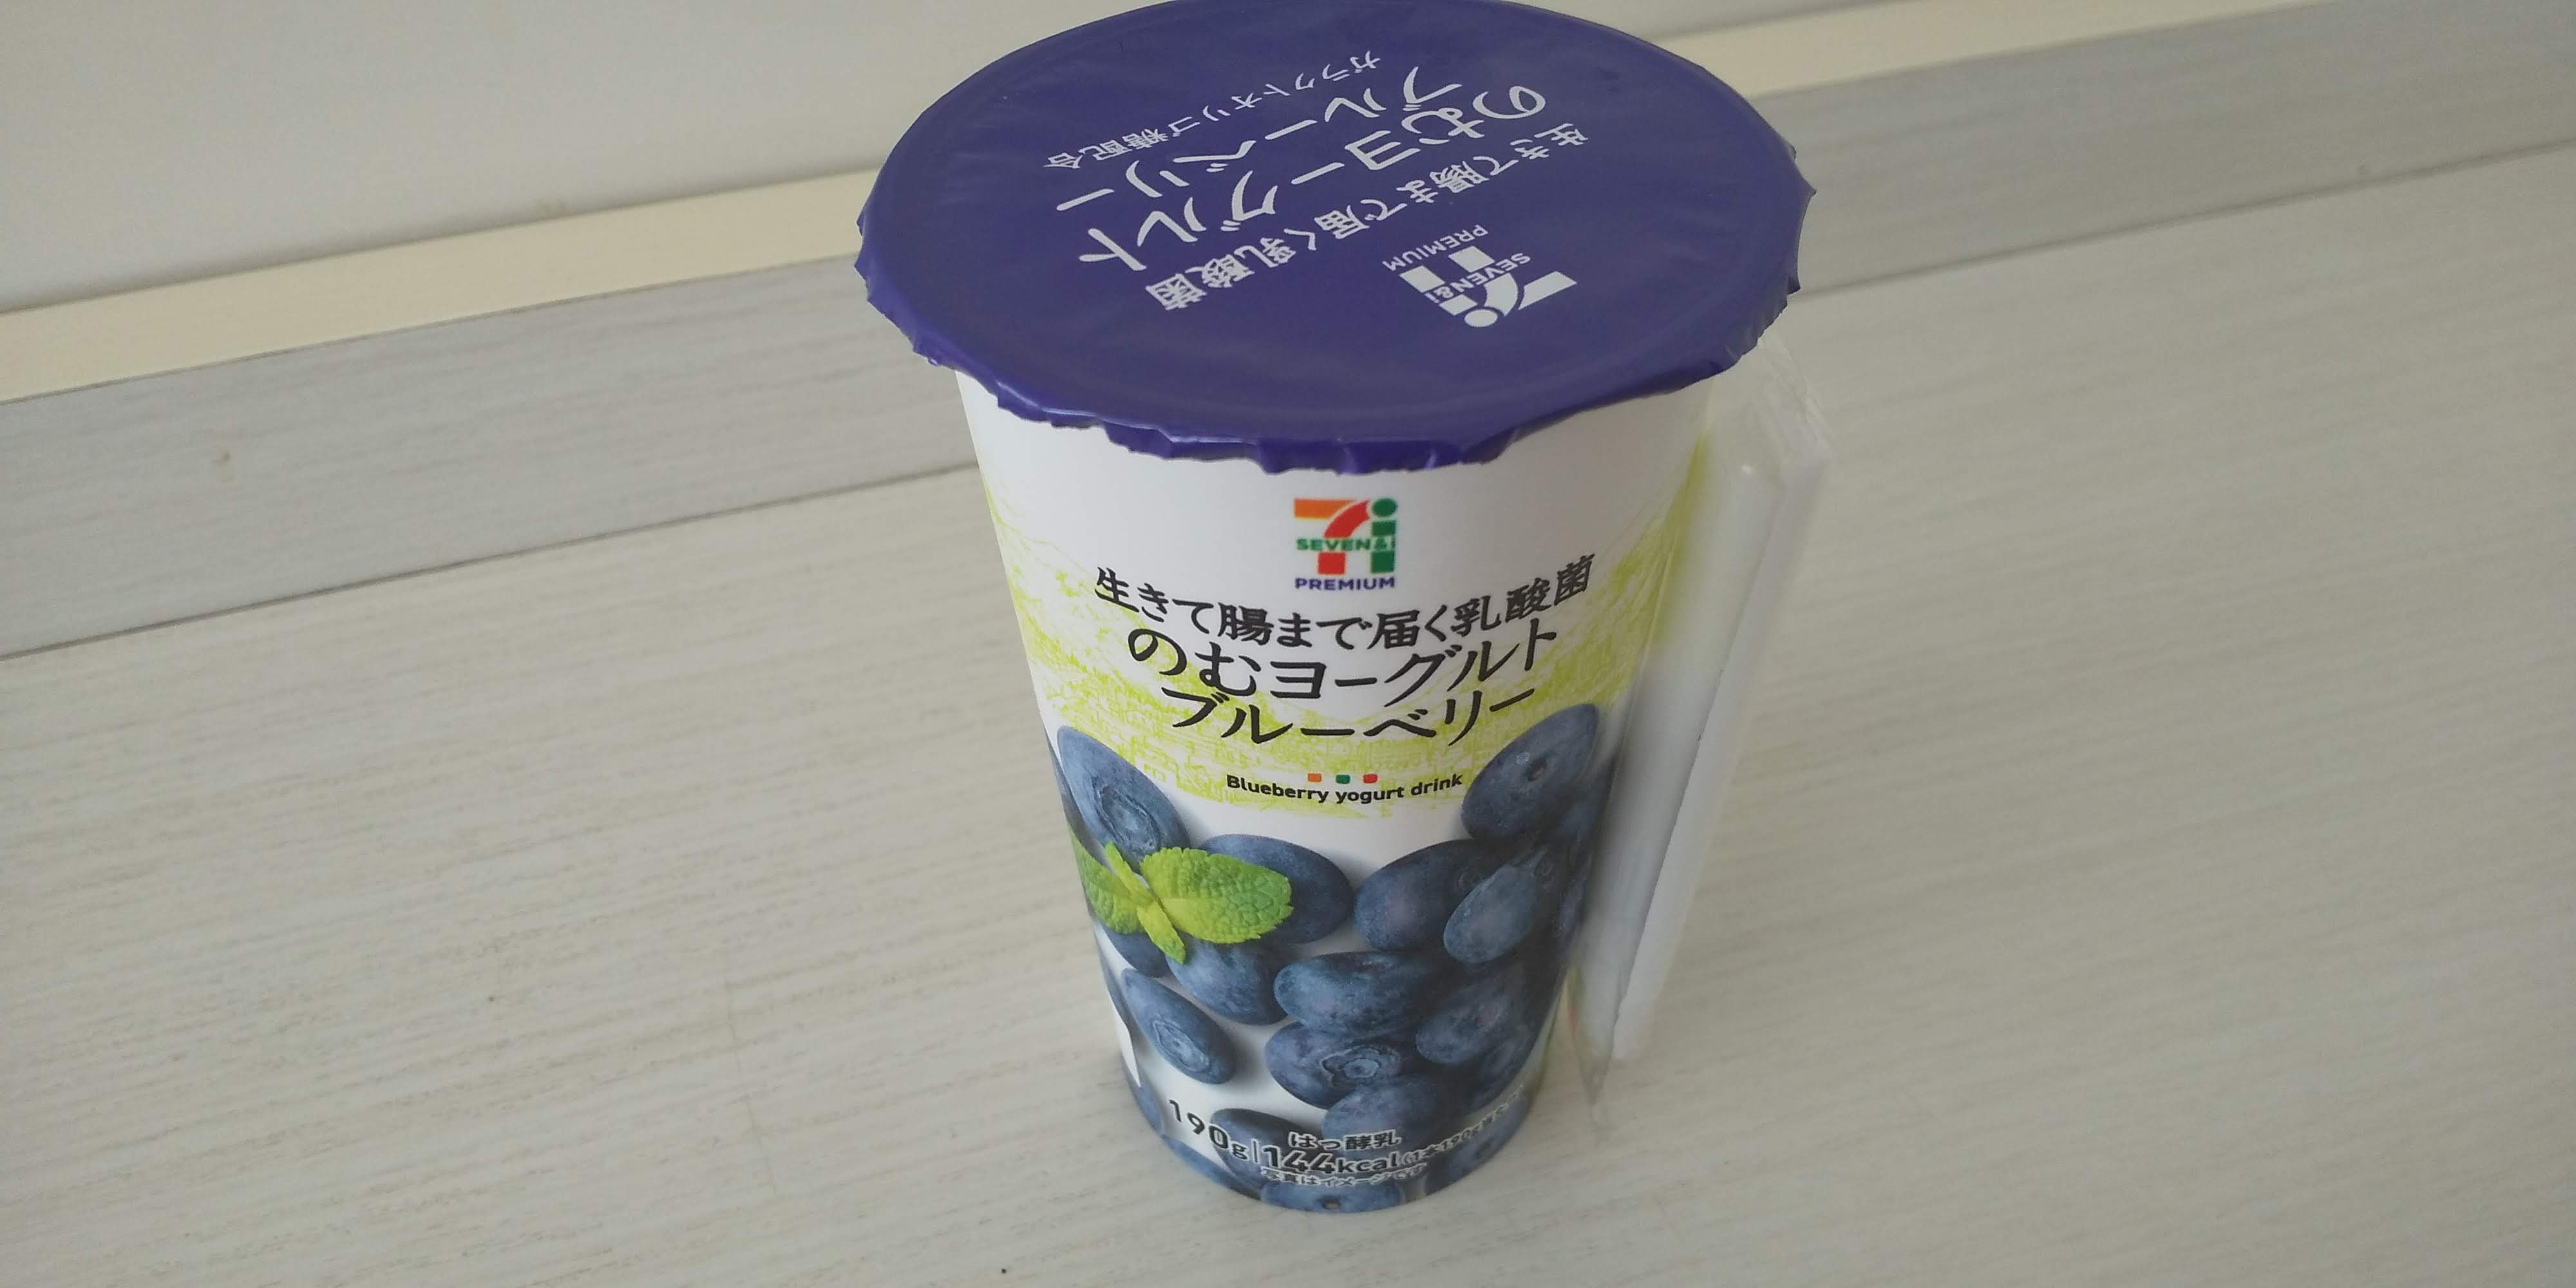 セブンイレブン『のむヨーグルトブルーベリー』ガラクトオリゴ糖配合の画像